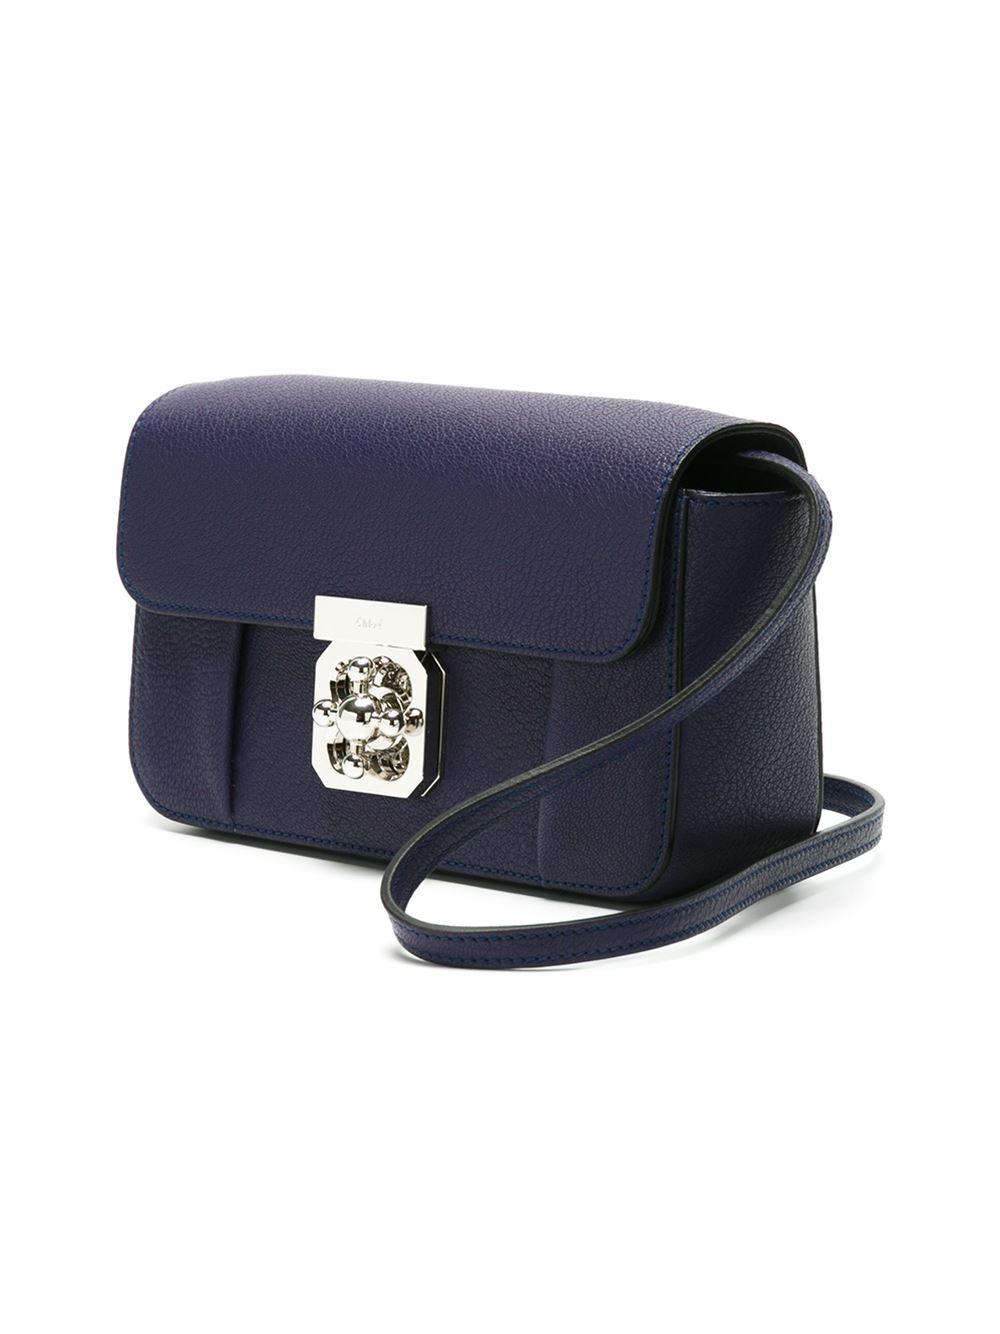 Chlo¨¦ \u0026#39;elsie\u0026#39; Shoulder Bag in Blue   Lyst